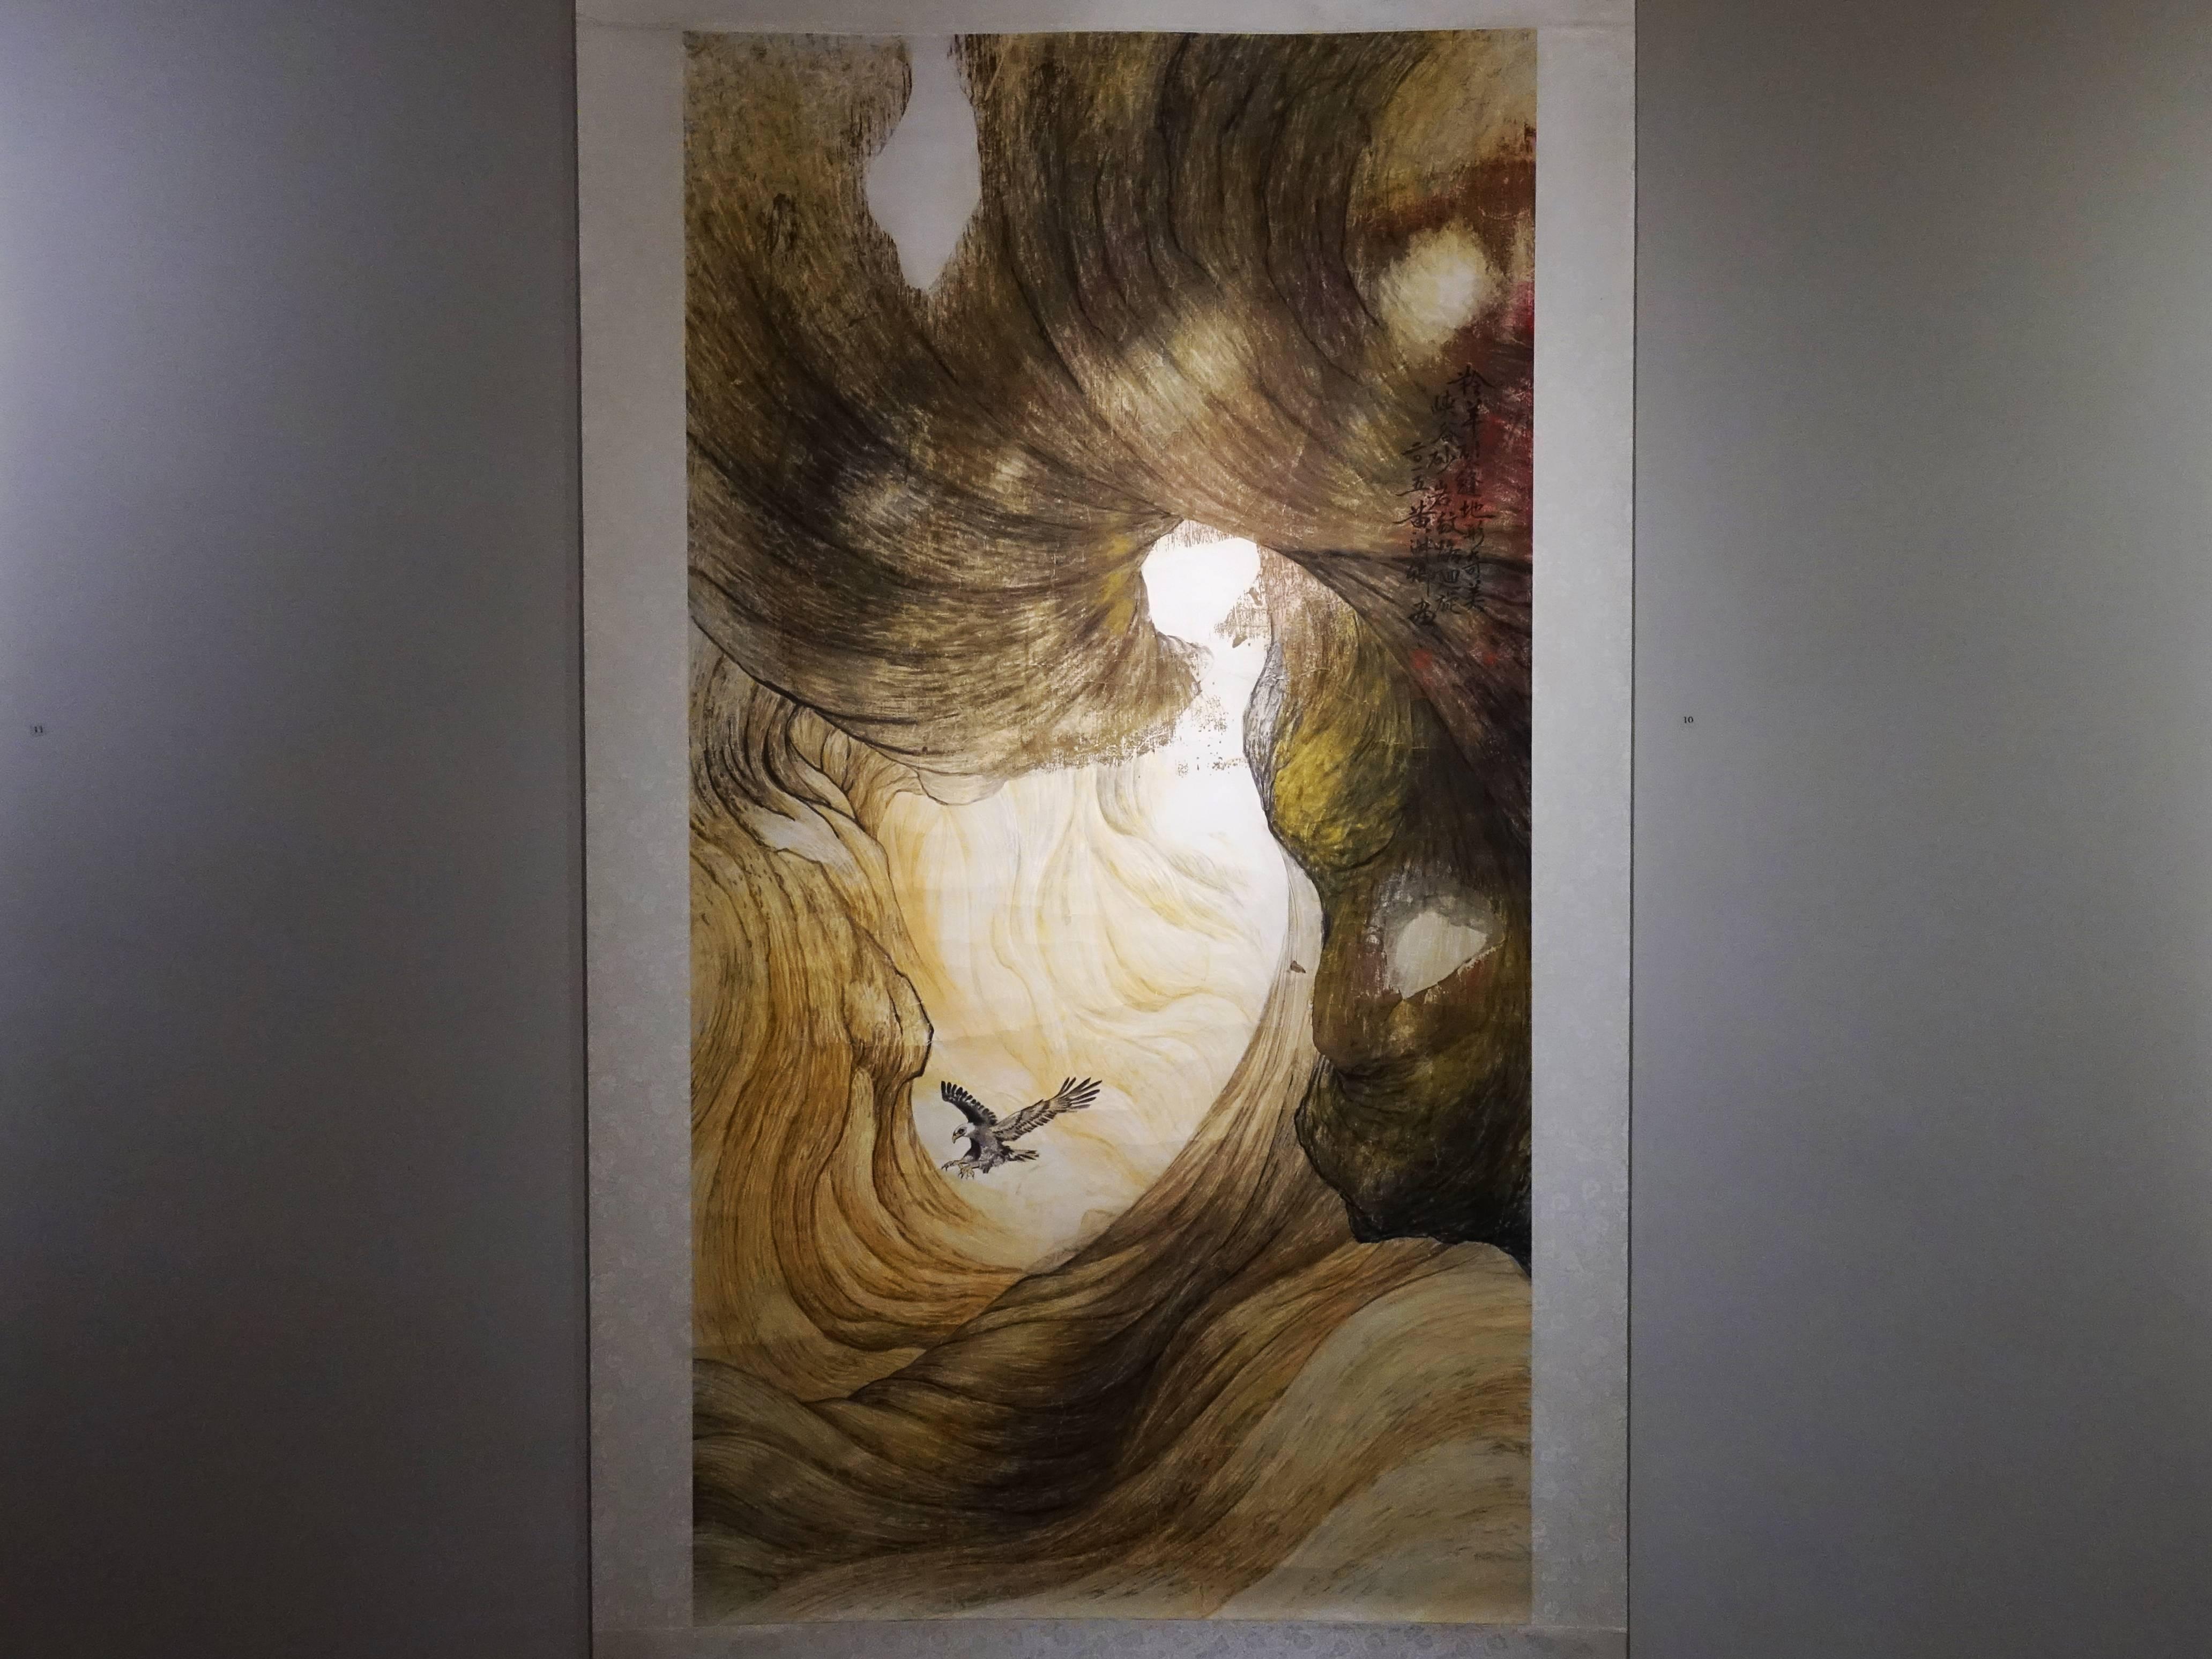 黃淑卿,《峽谷意象(二)》,200 x 77 cm,彩墨、水印木板,2015。